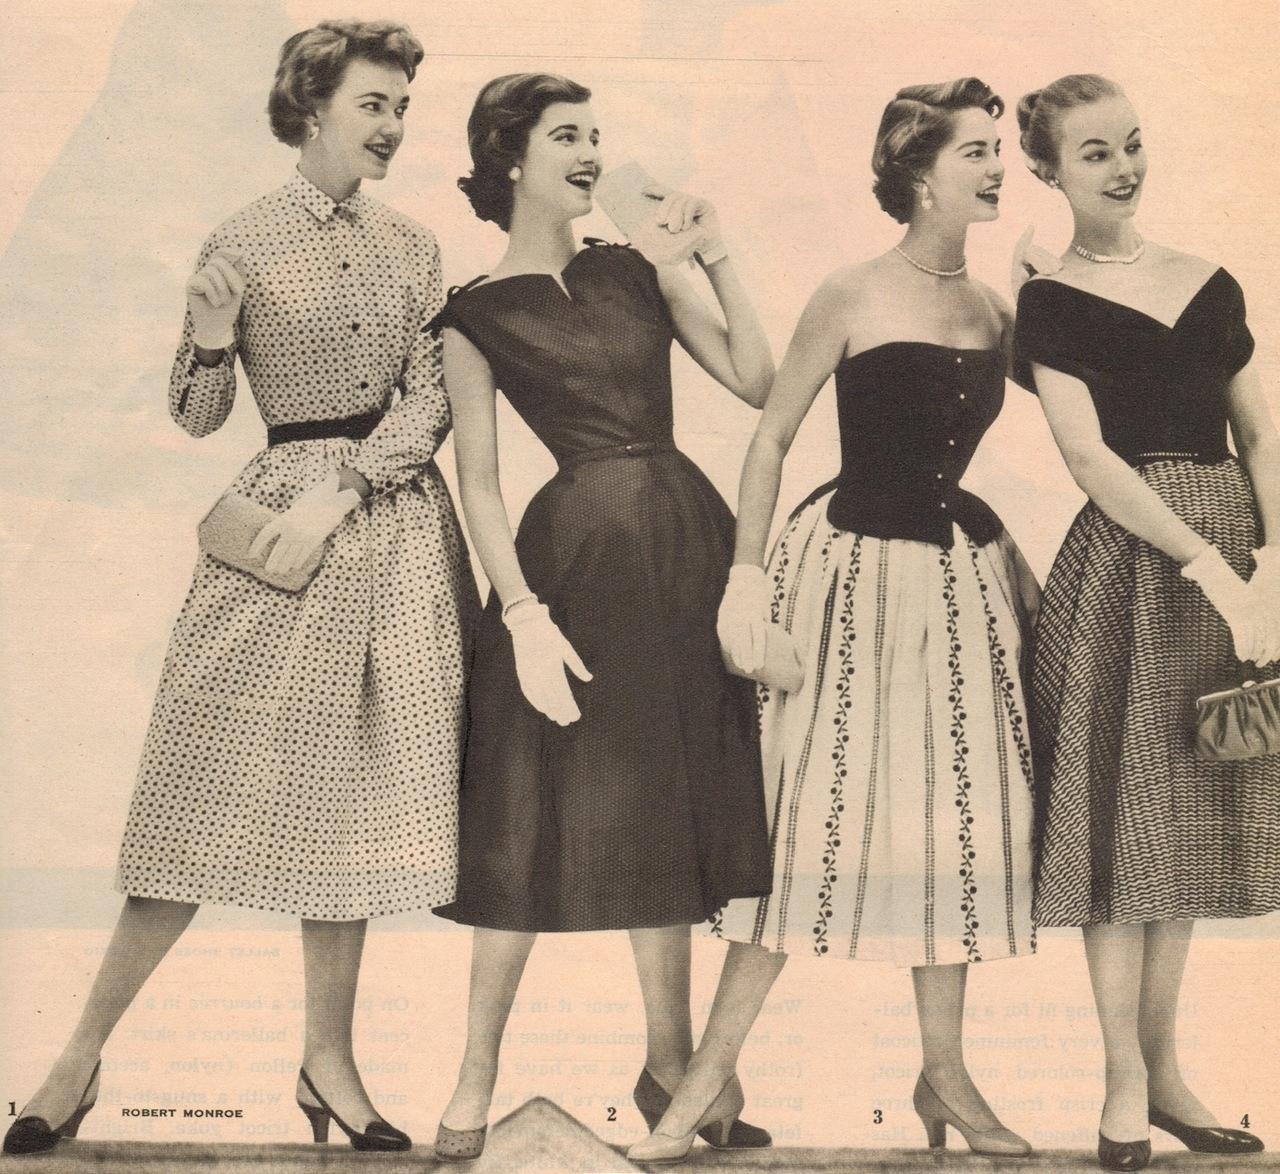 Vintage closhing fashion Vintage Cooking2018-01-13 at 7.55.34 PM 13.jpg